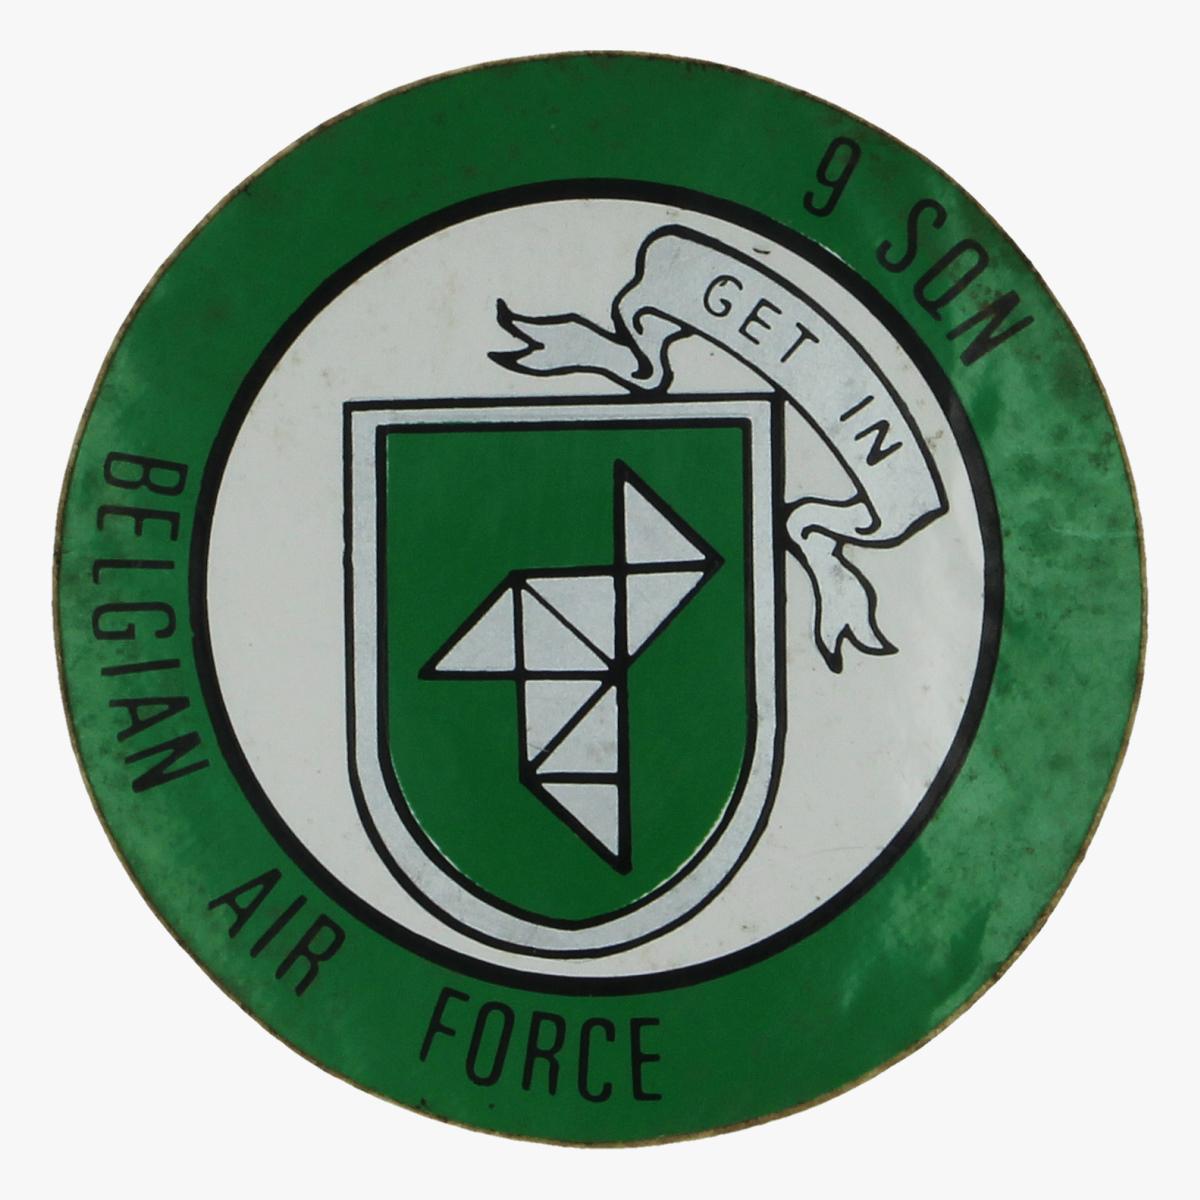 Afbeeldingen van sticker begian air force 9 squadron